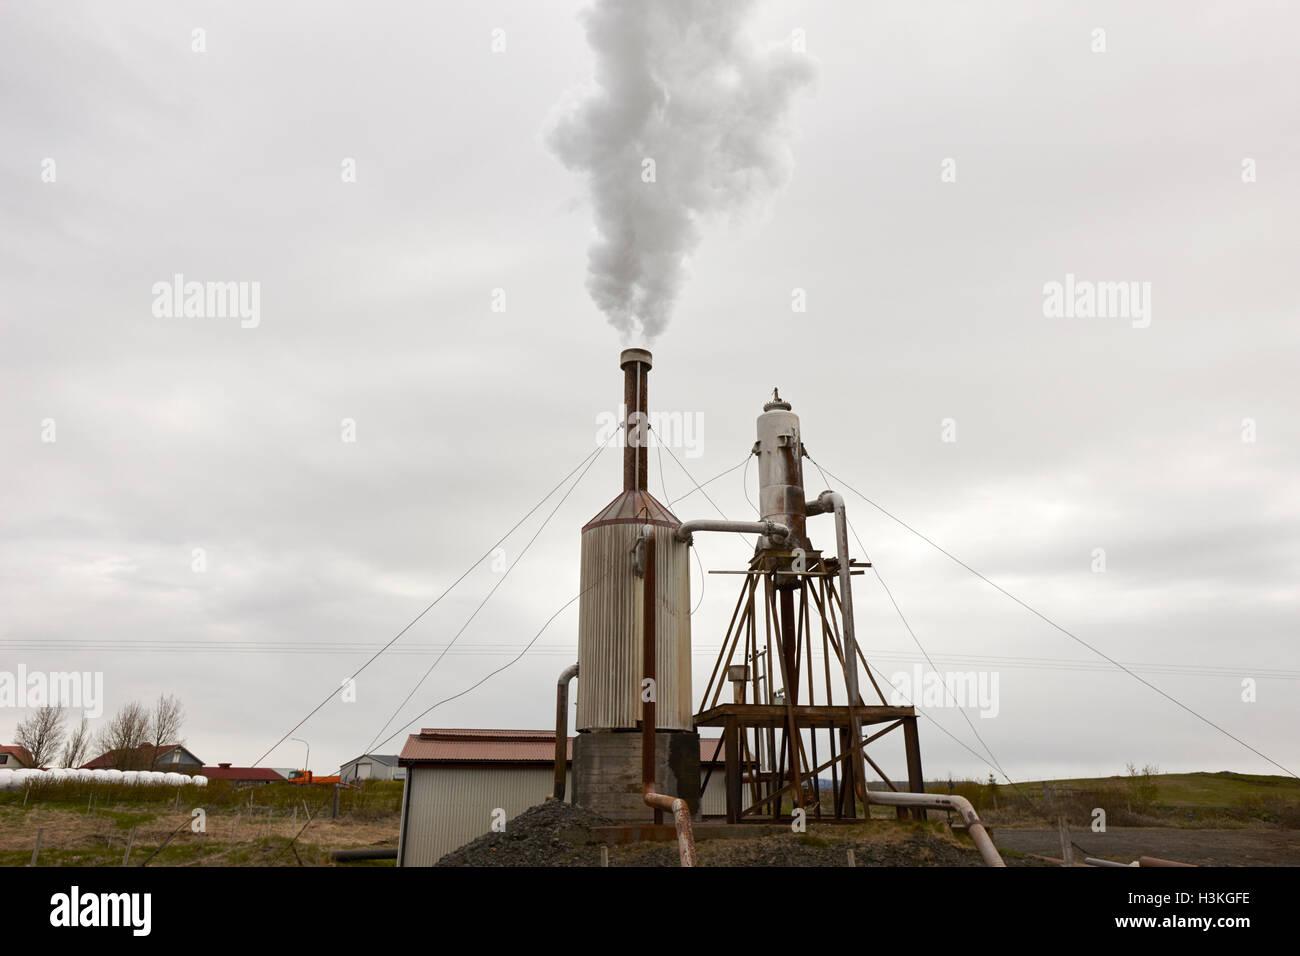 Piccola comunità rurale energia geotermica impianto sud rurale Islanda Immagini Stock